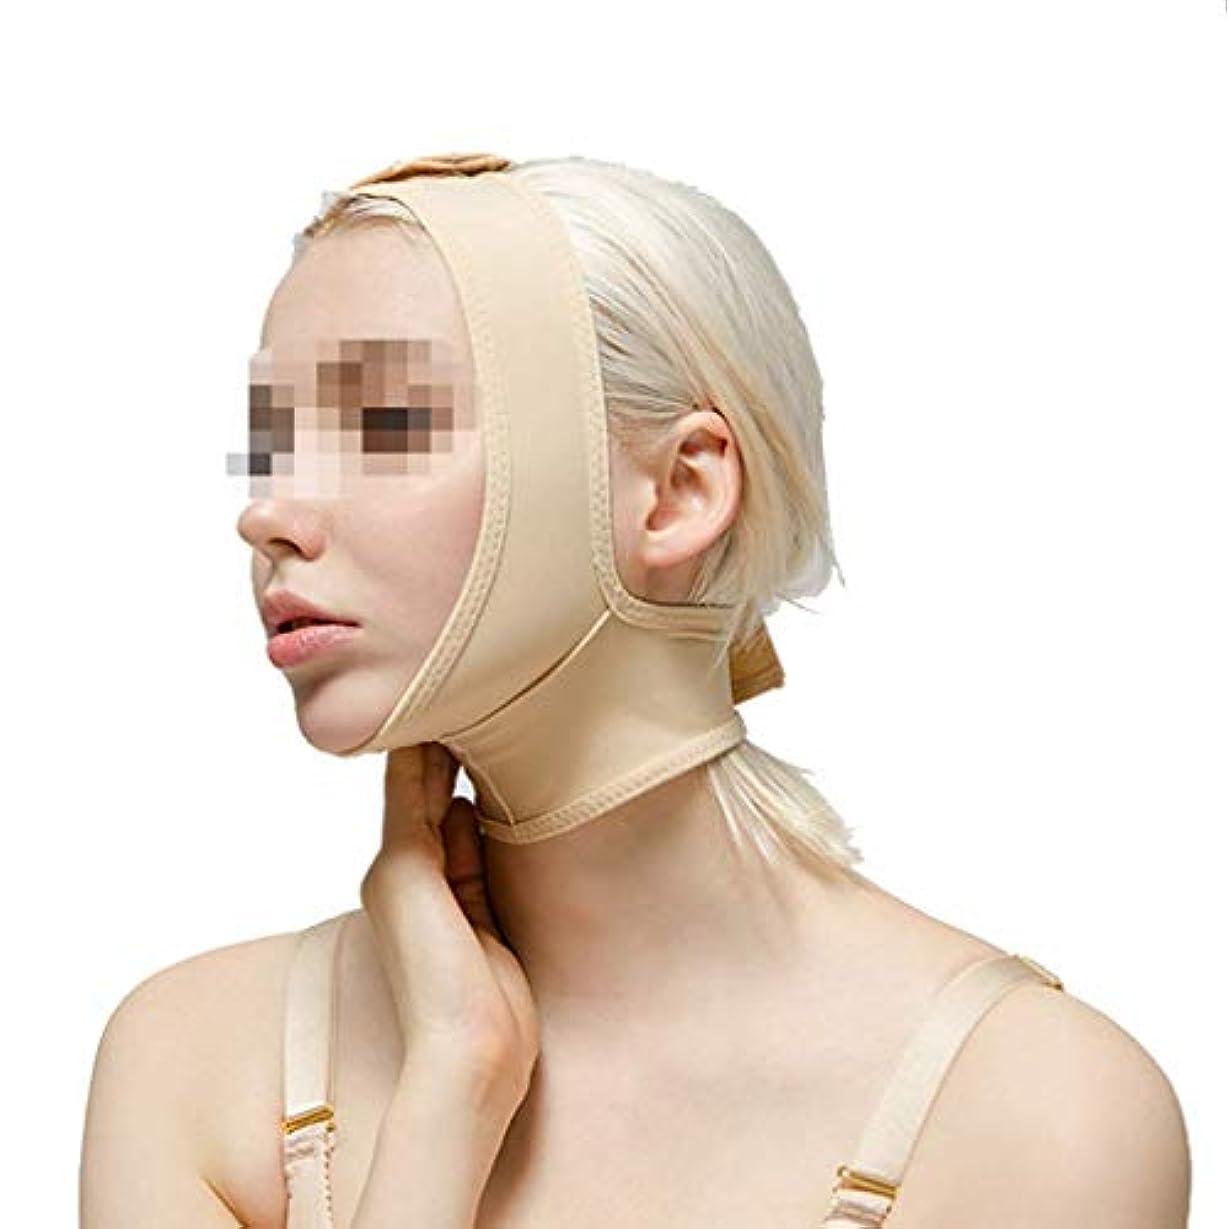 本部広範囲振る舞う術後伸縮性スリーブ、下顎束フェイスバンデージフェイシャルビームダブルチンシンフェイスマスクマルチサイズオプション(サイズ:L),ザ?